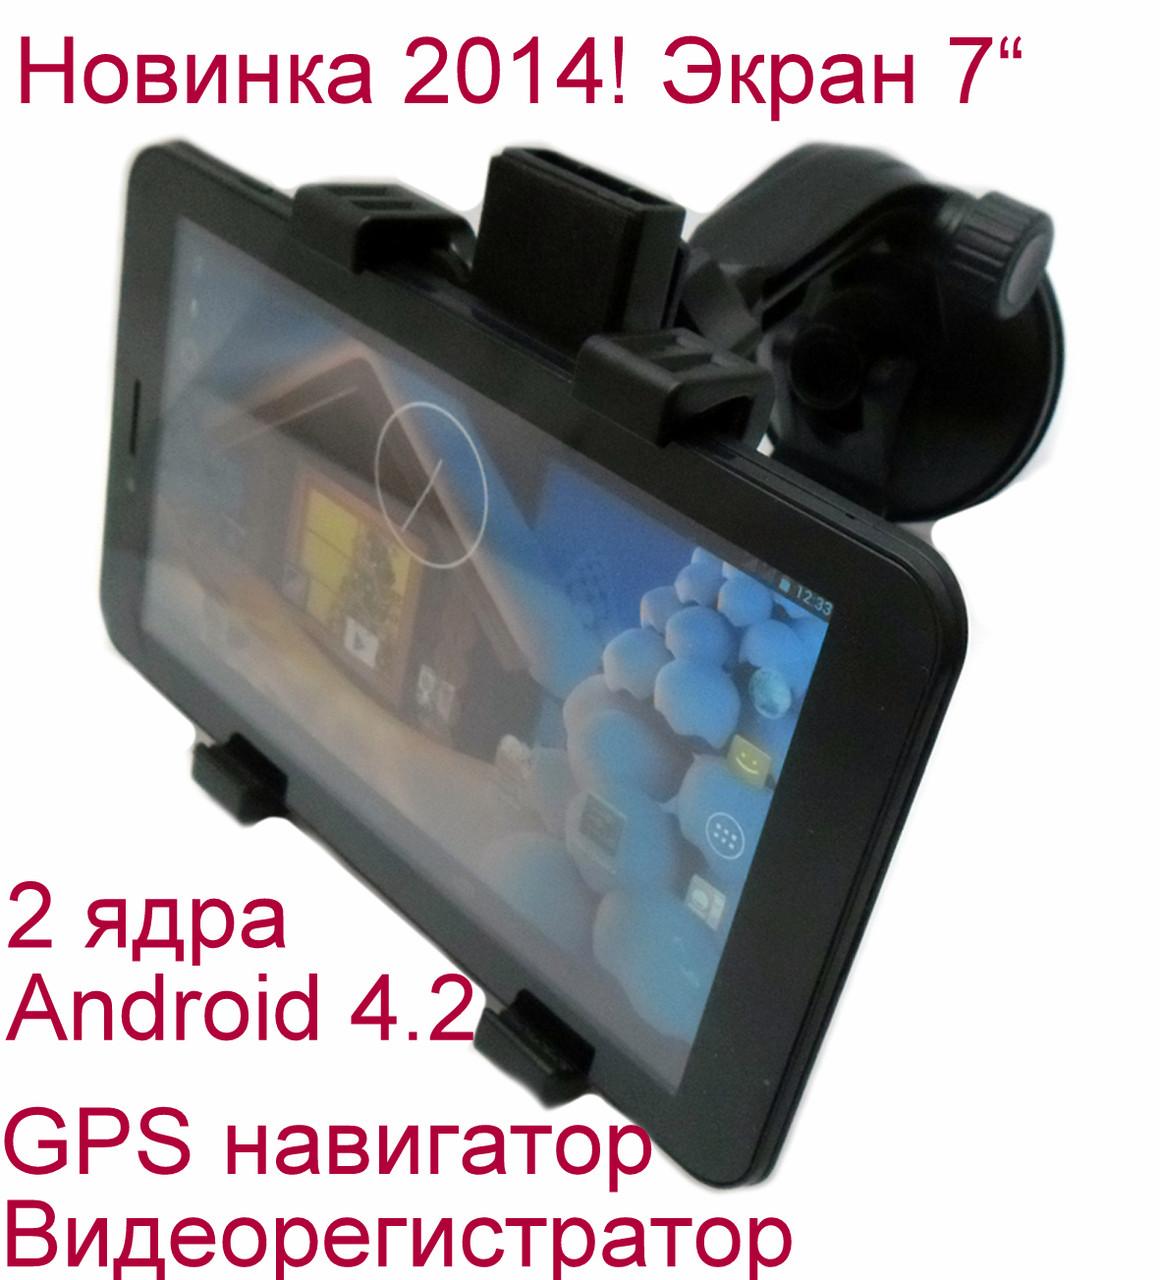 Купить планшет в кредит интернет магазин украина